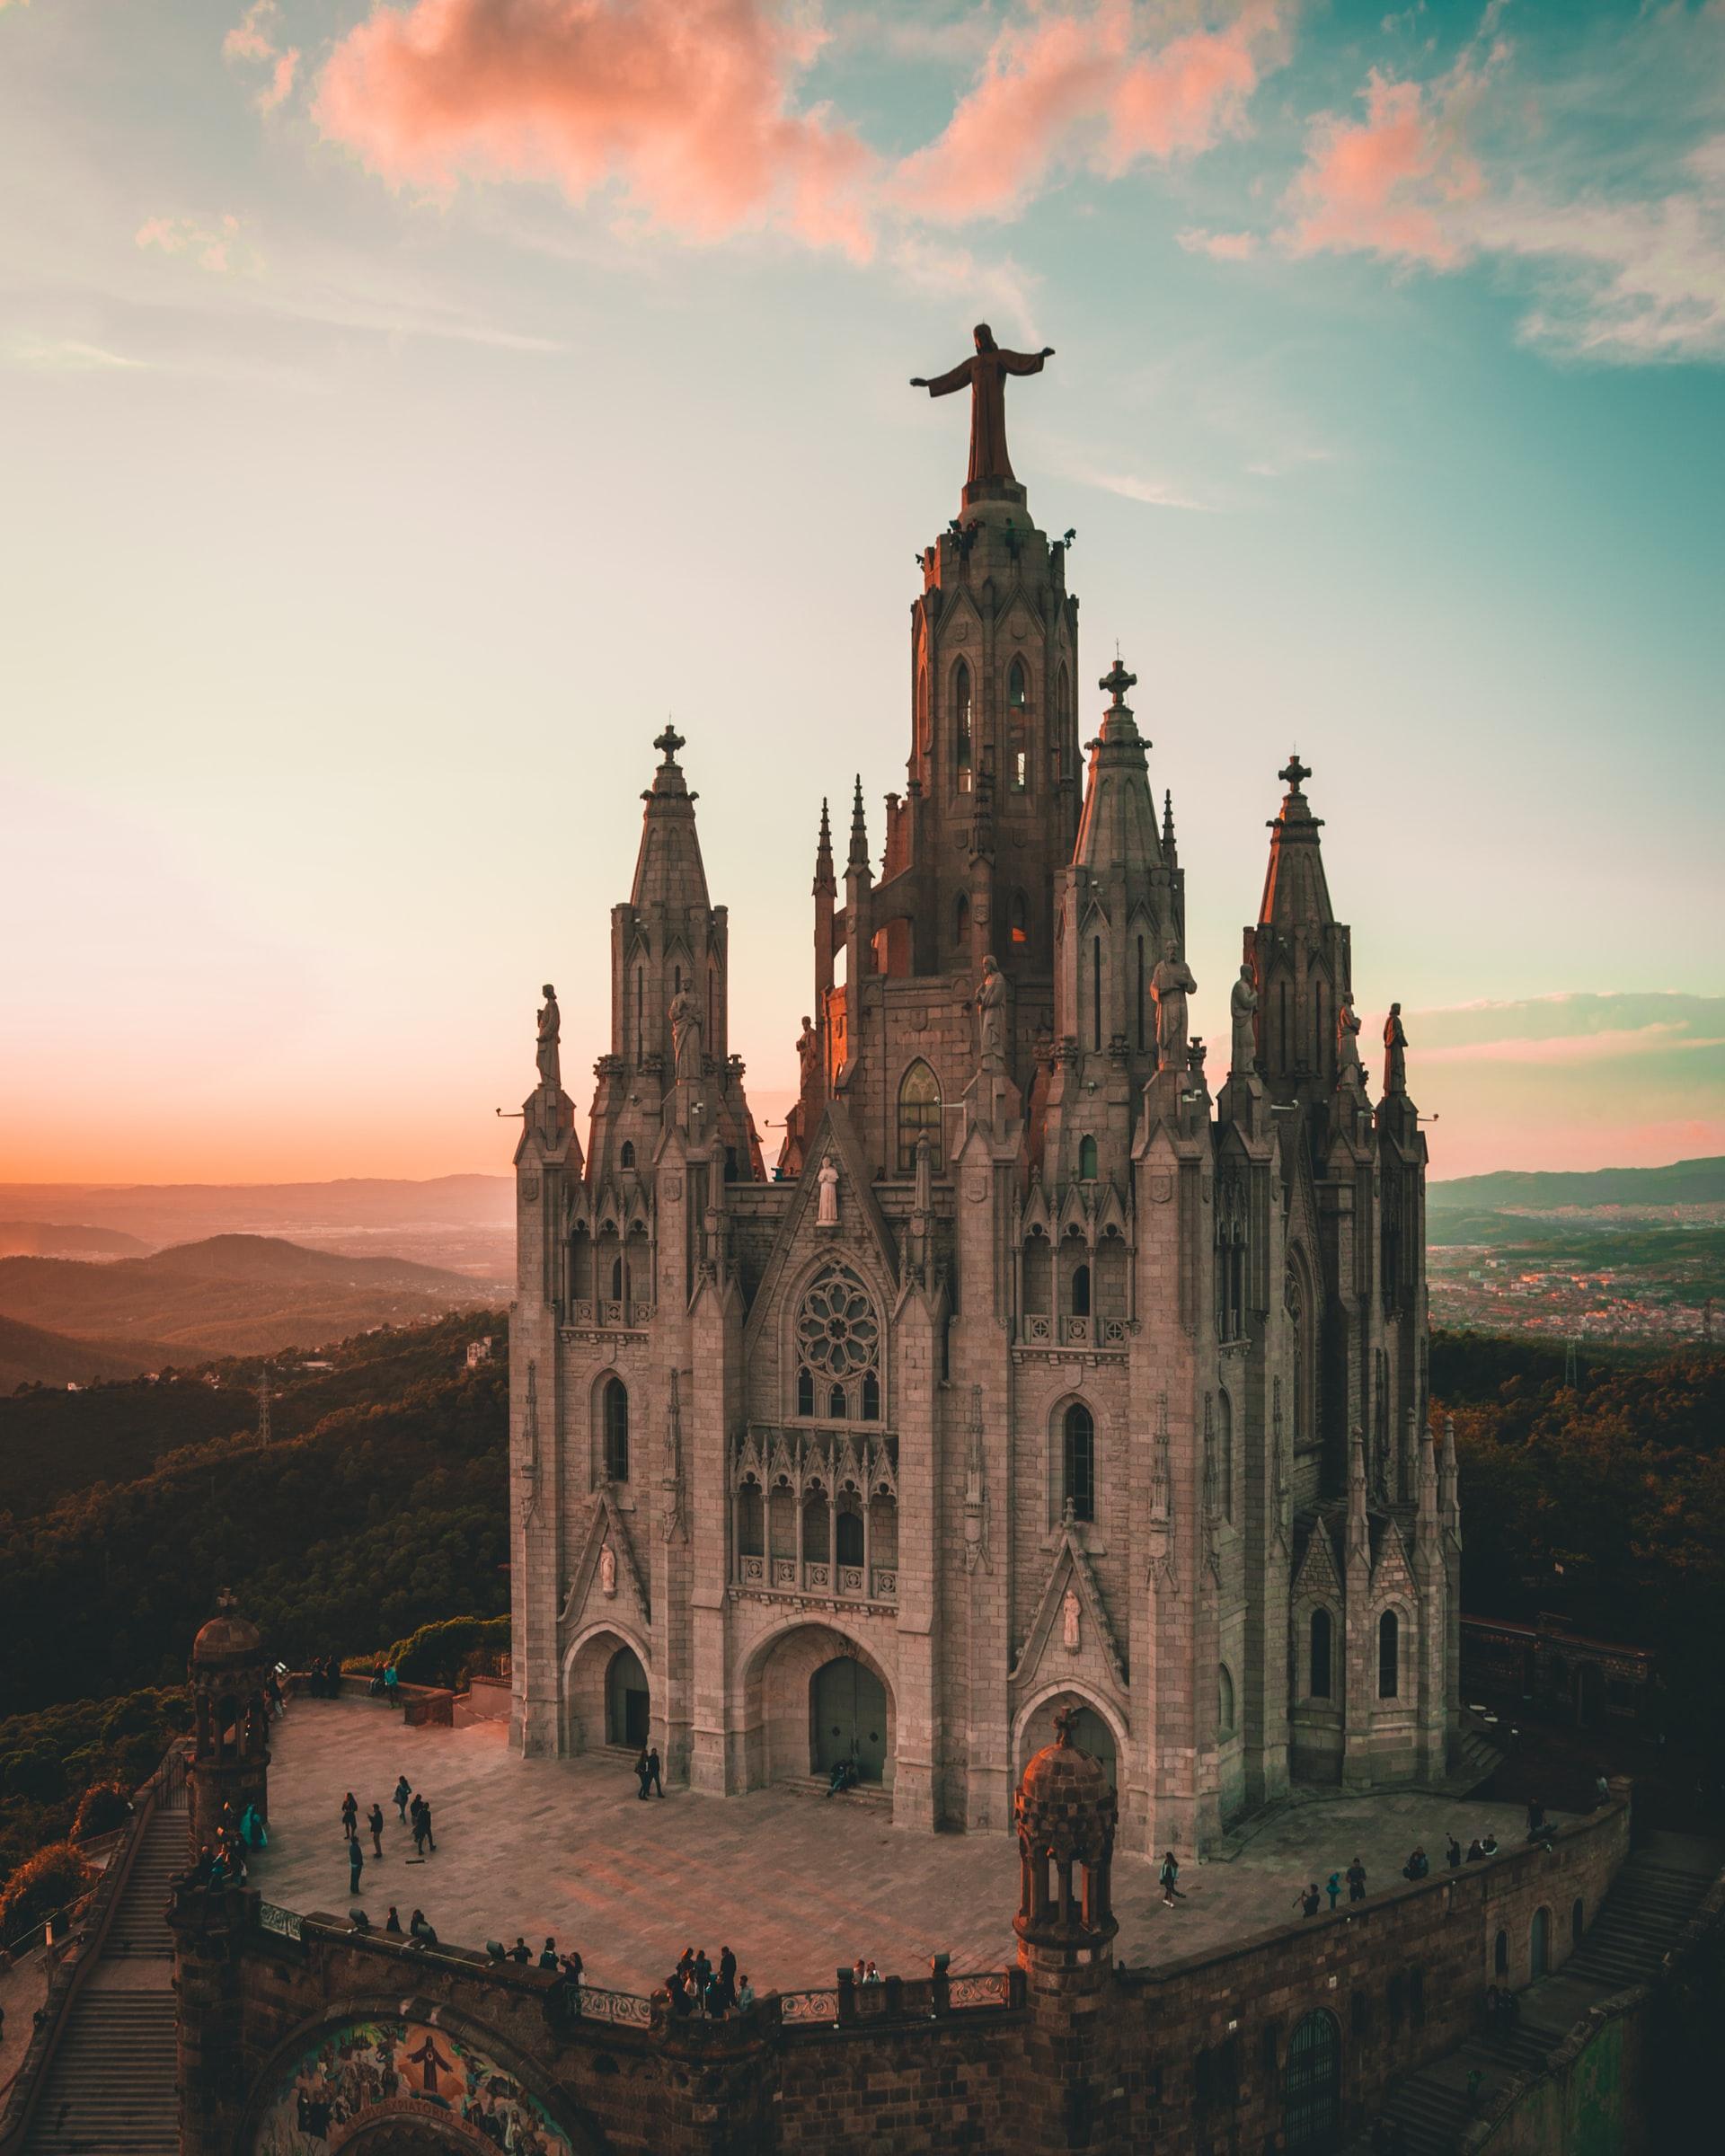 Tibidabo church, Barcelona, Spain